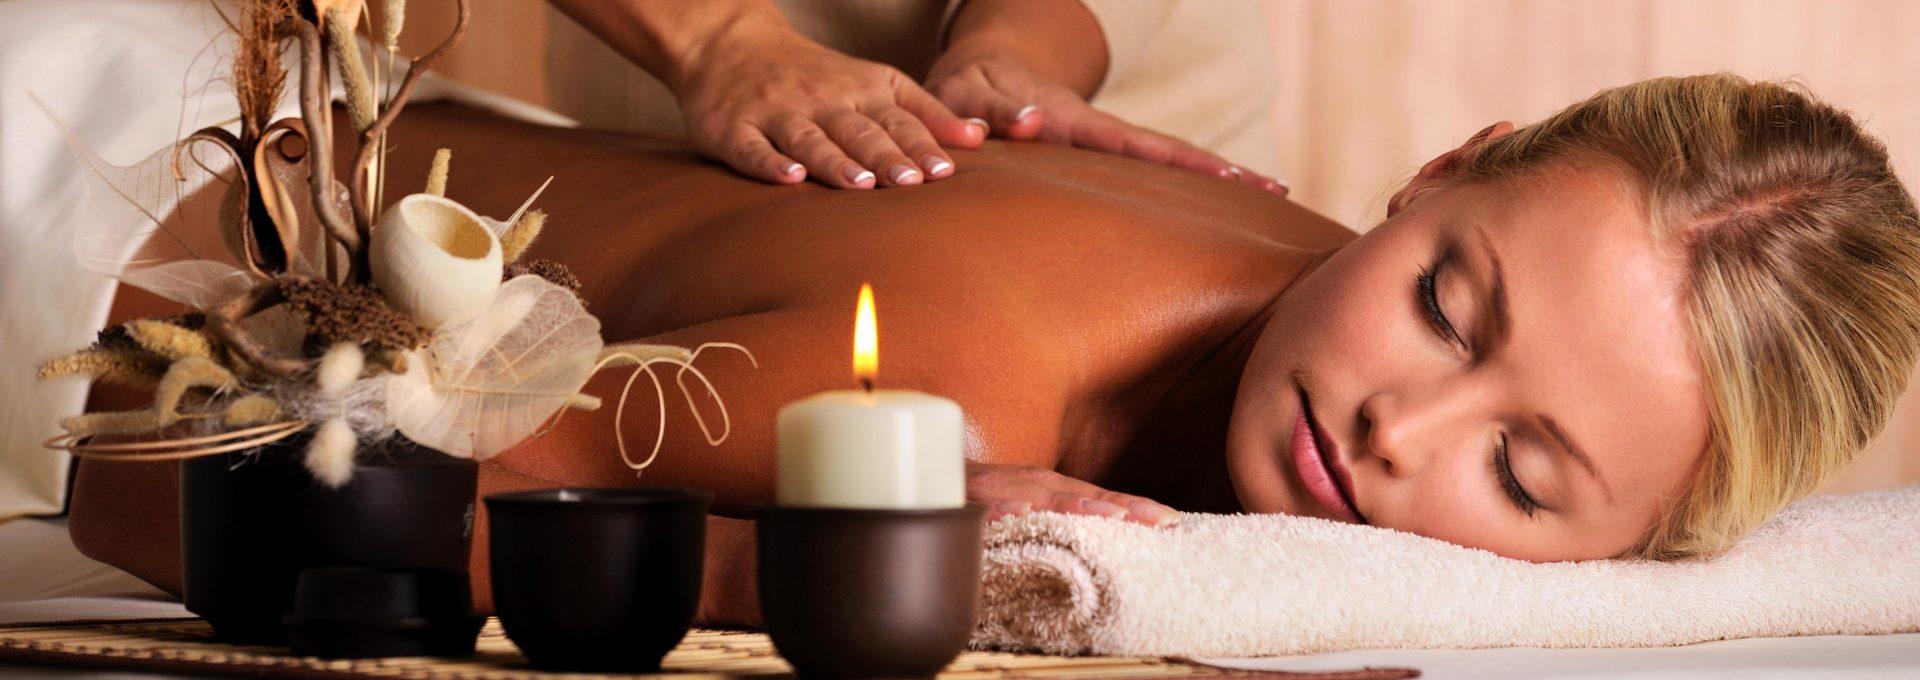 SoloMasajes.net La web de masaje y técnicas de masaje, cursos, masajistas